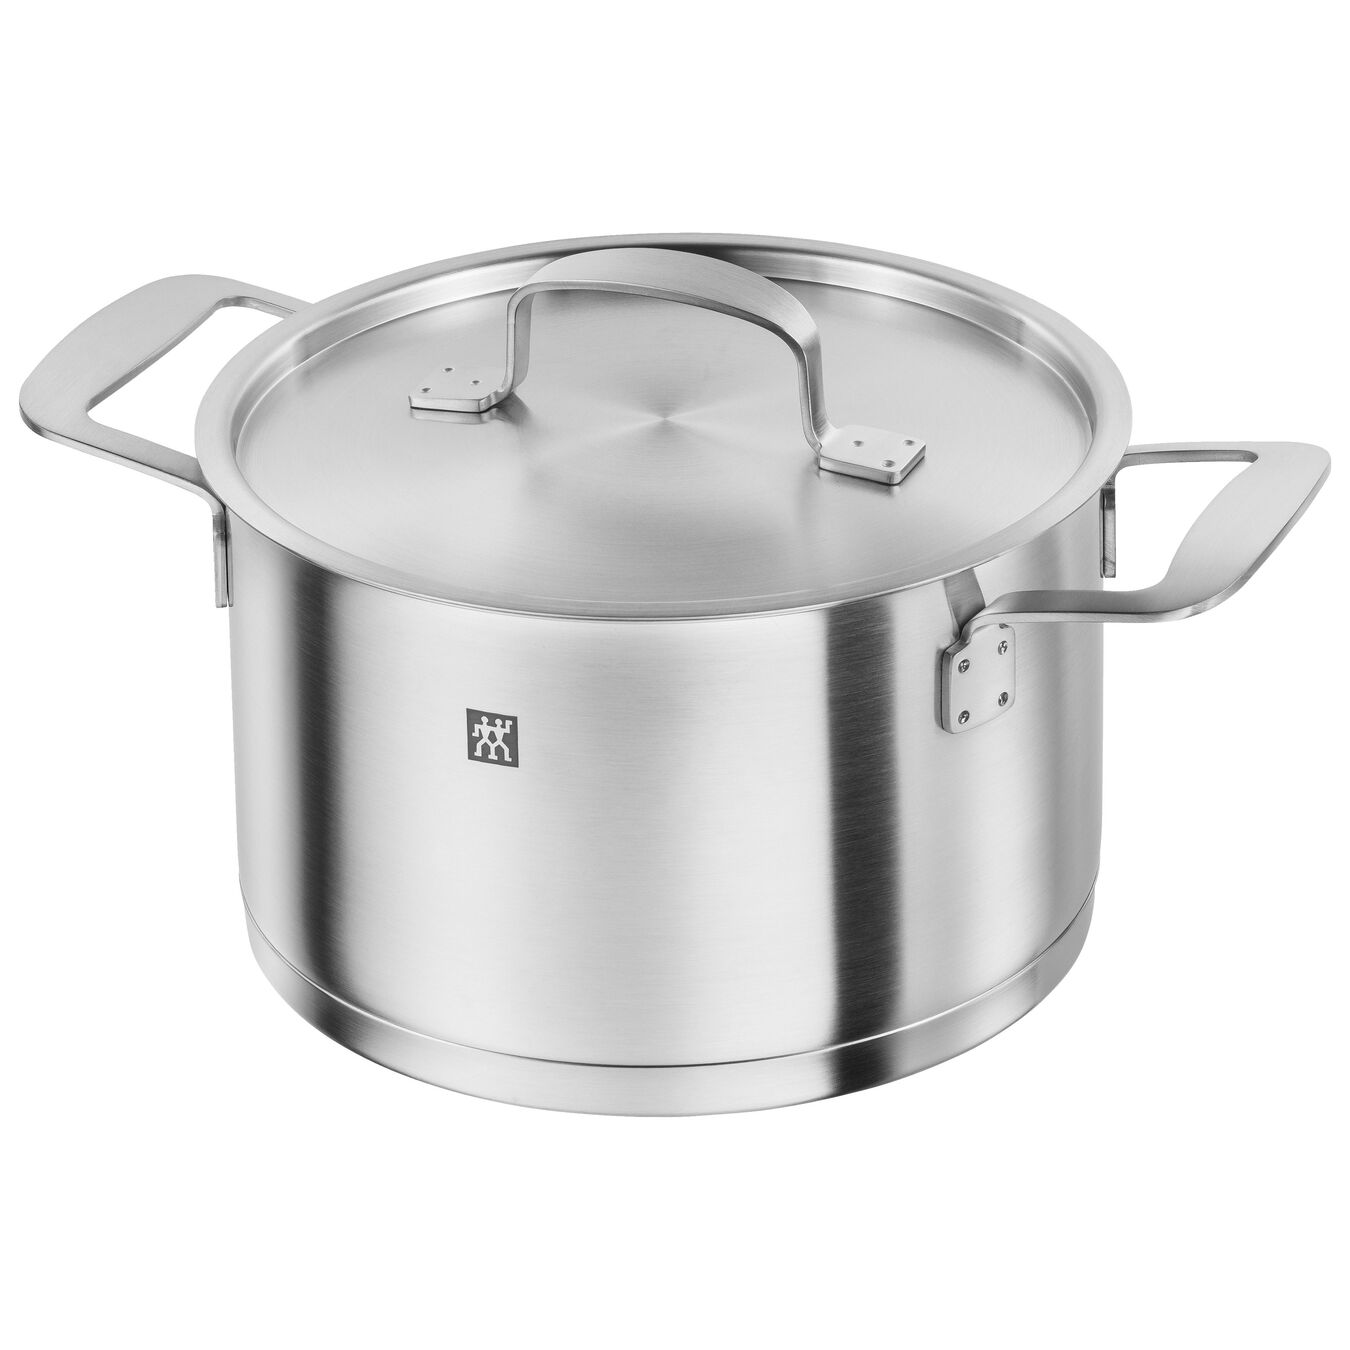 Ensemble de casseroles 4-pcs,,large 3